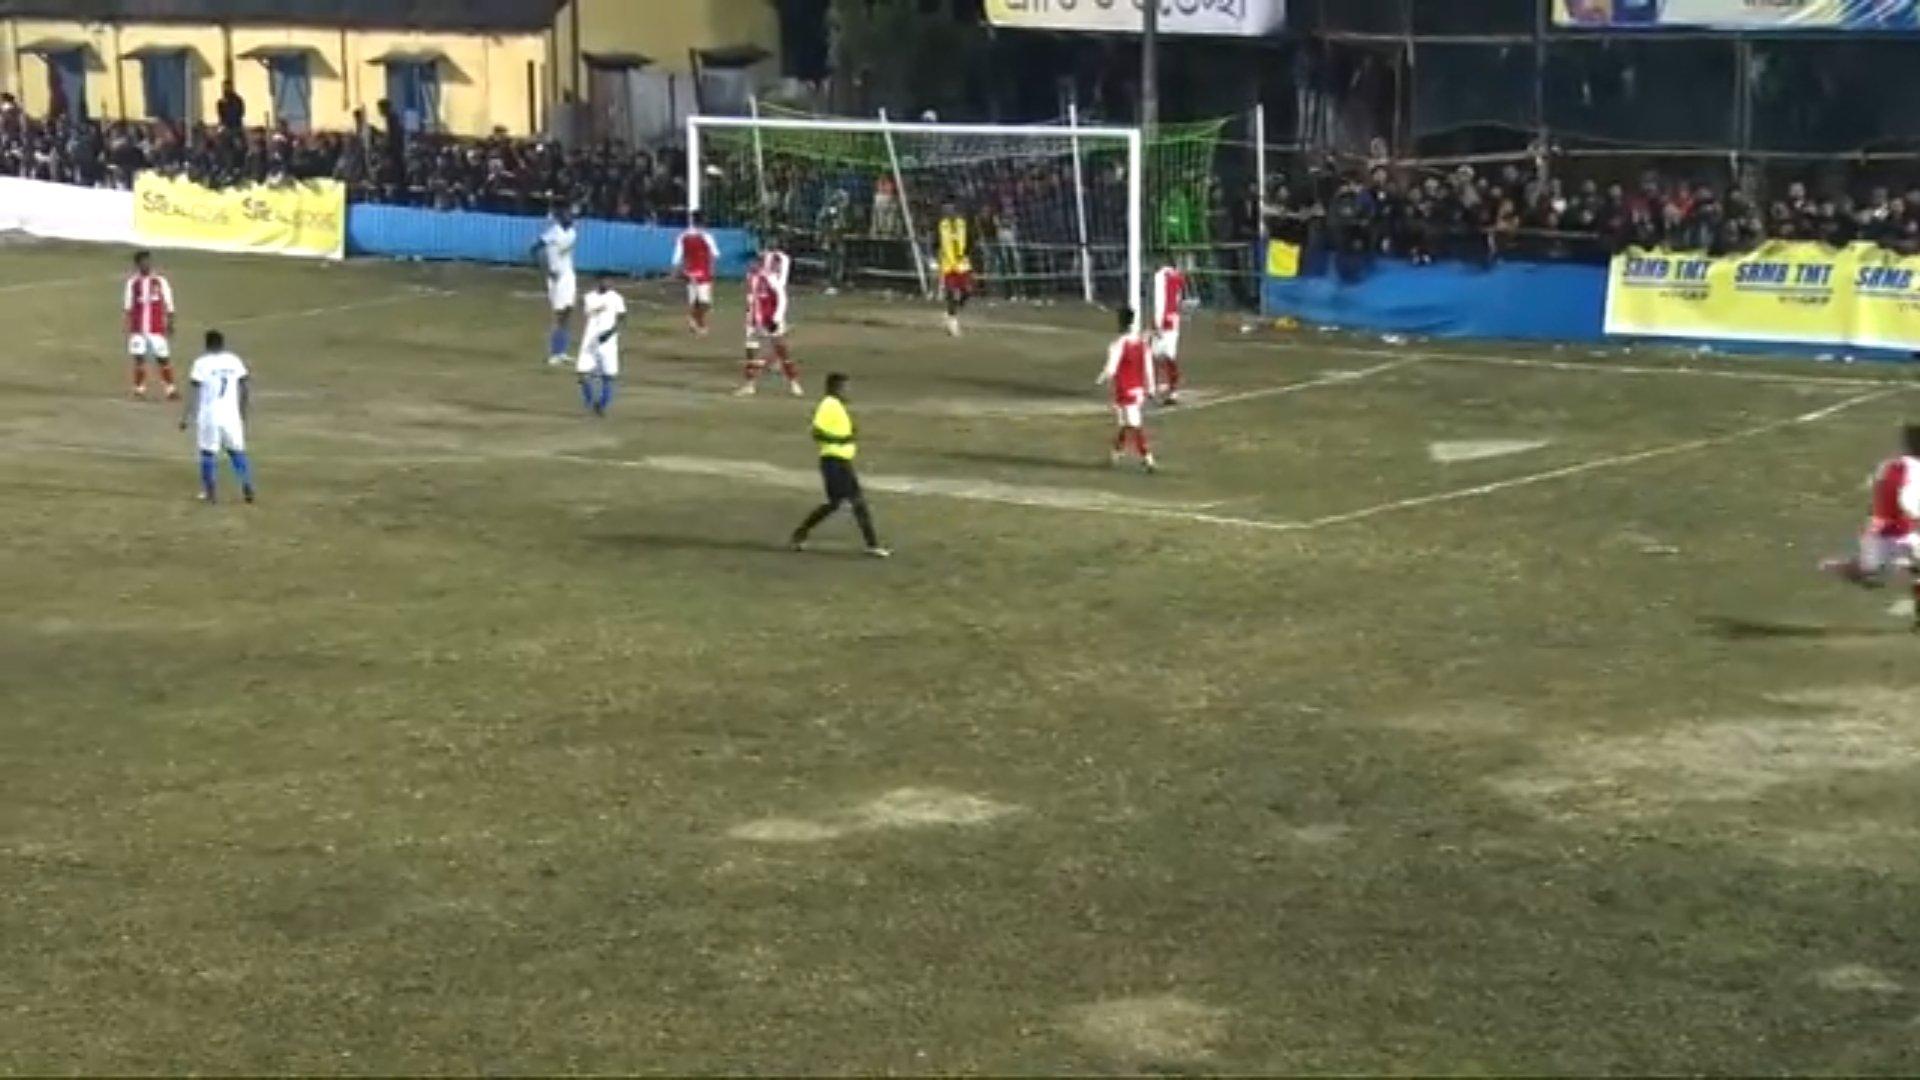 4th-year-swami-vivekananda-match-ground